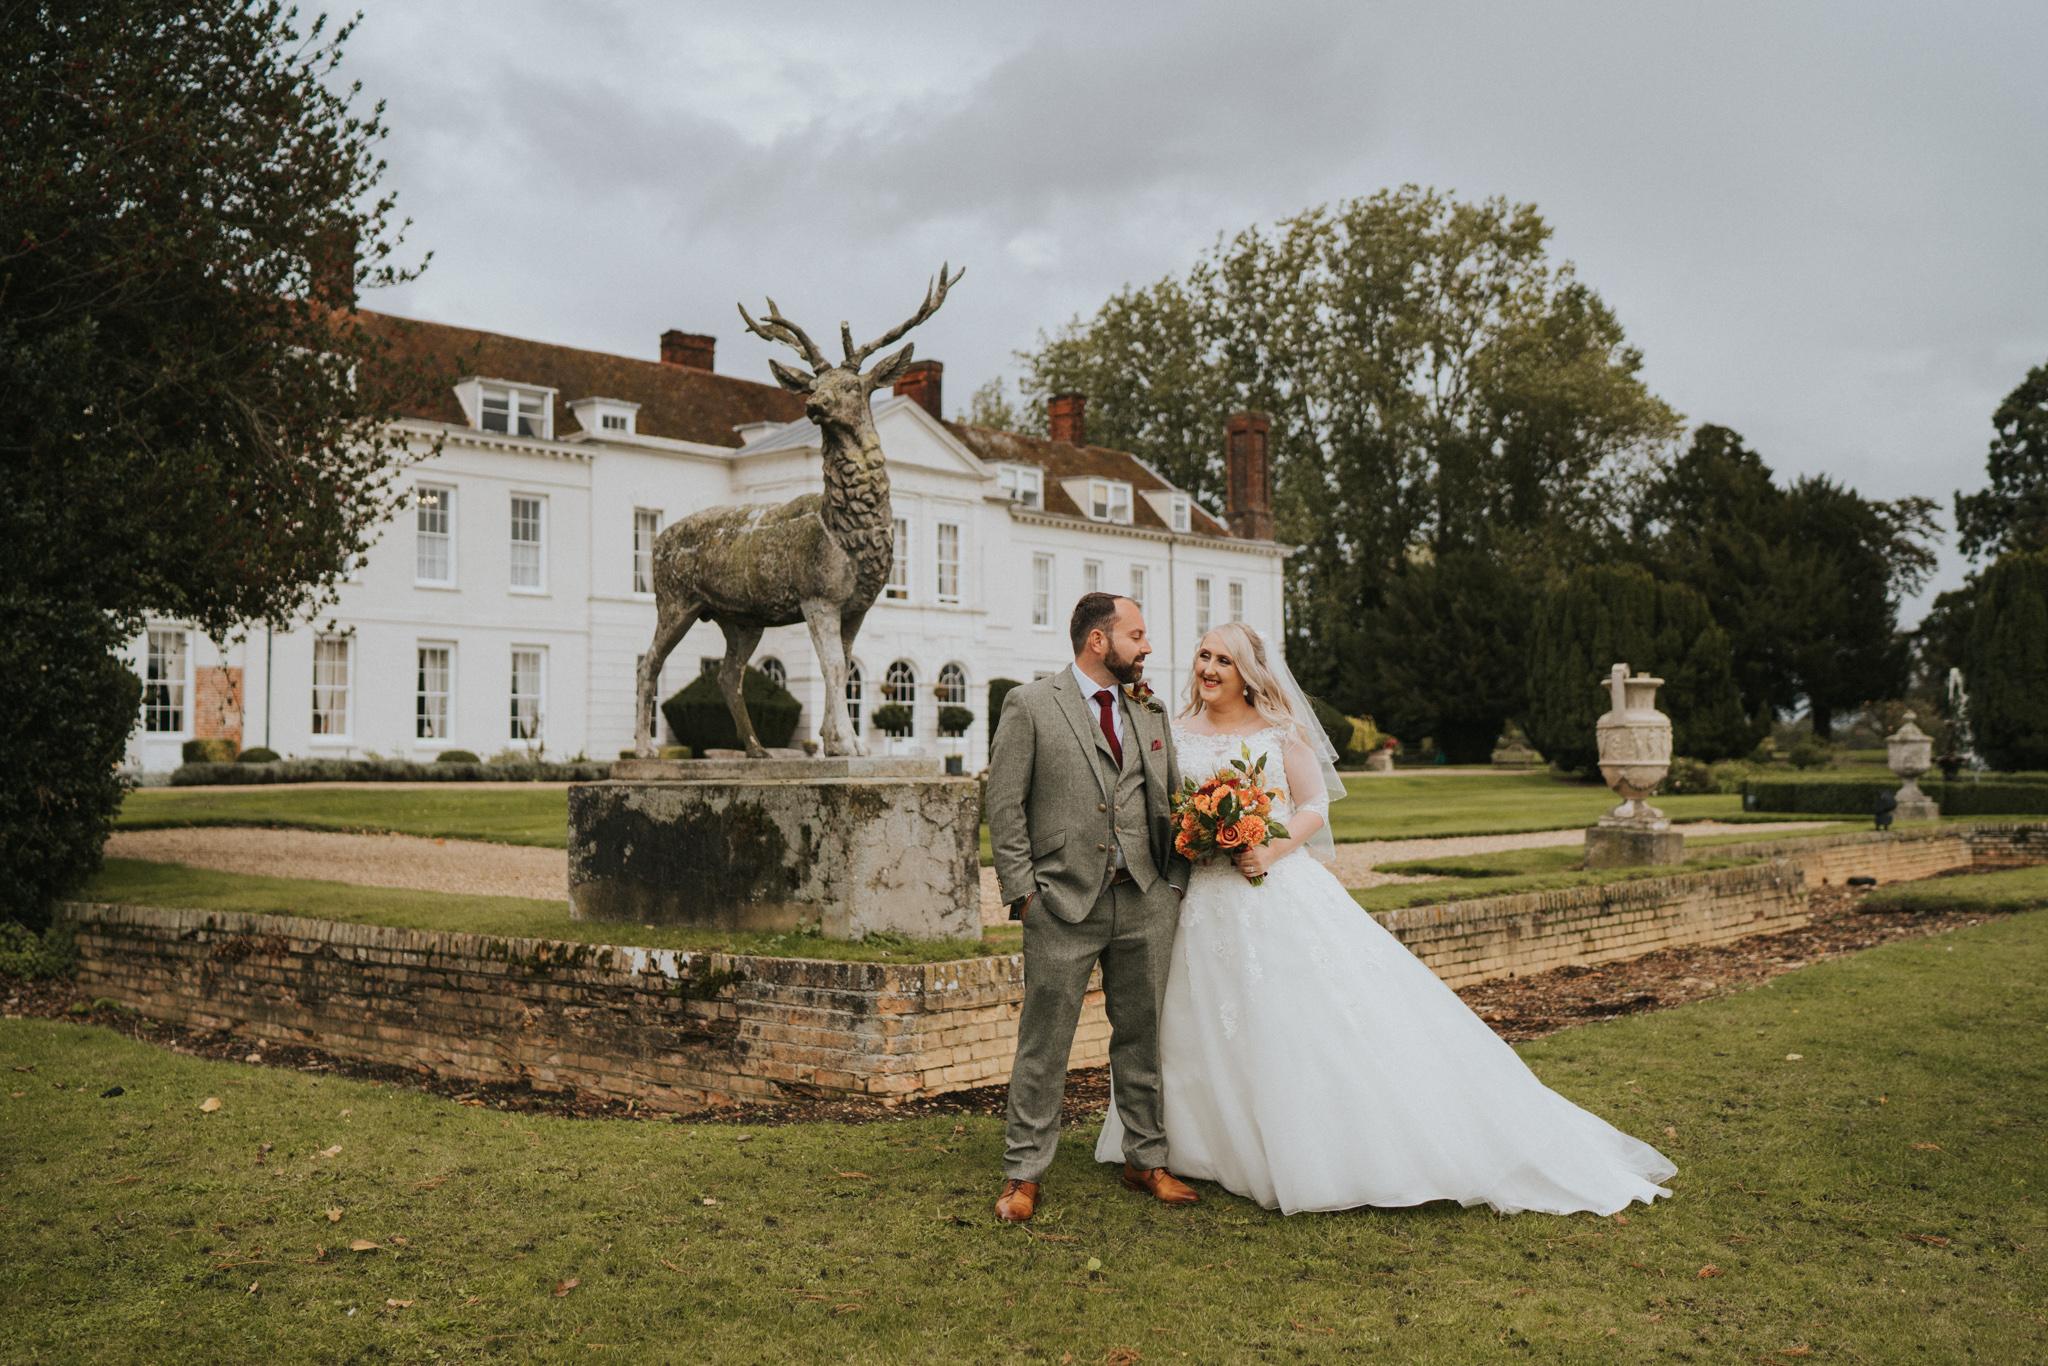 chara-neil-gosfield-hall-wedding-grace-elizabeth-colchester-essex-alternative-wedding-photographer-essex-devon-suffolk-norfolk (33 of 50).jpg